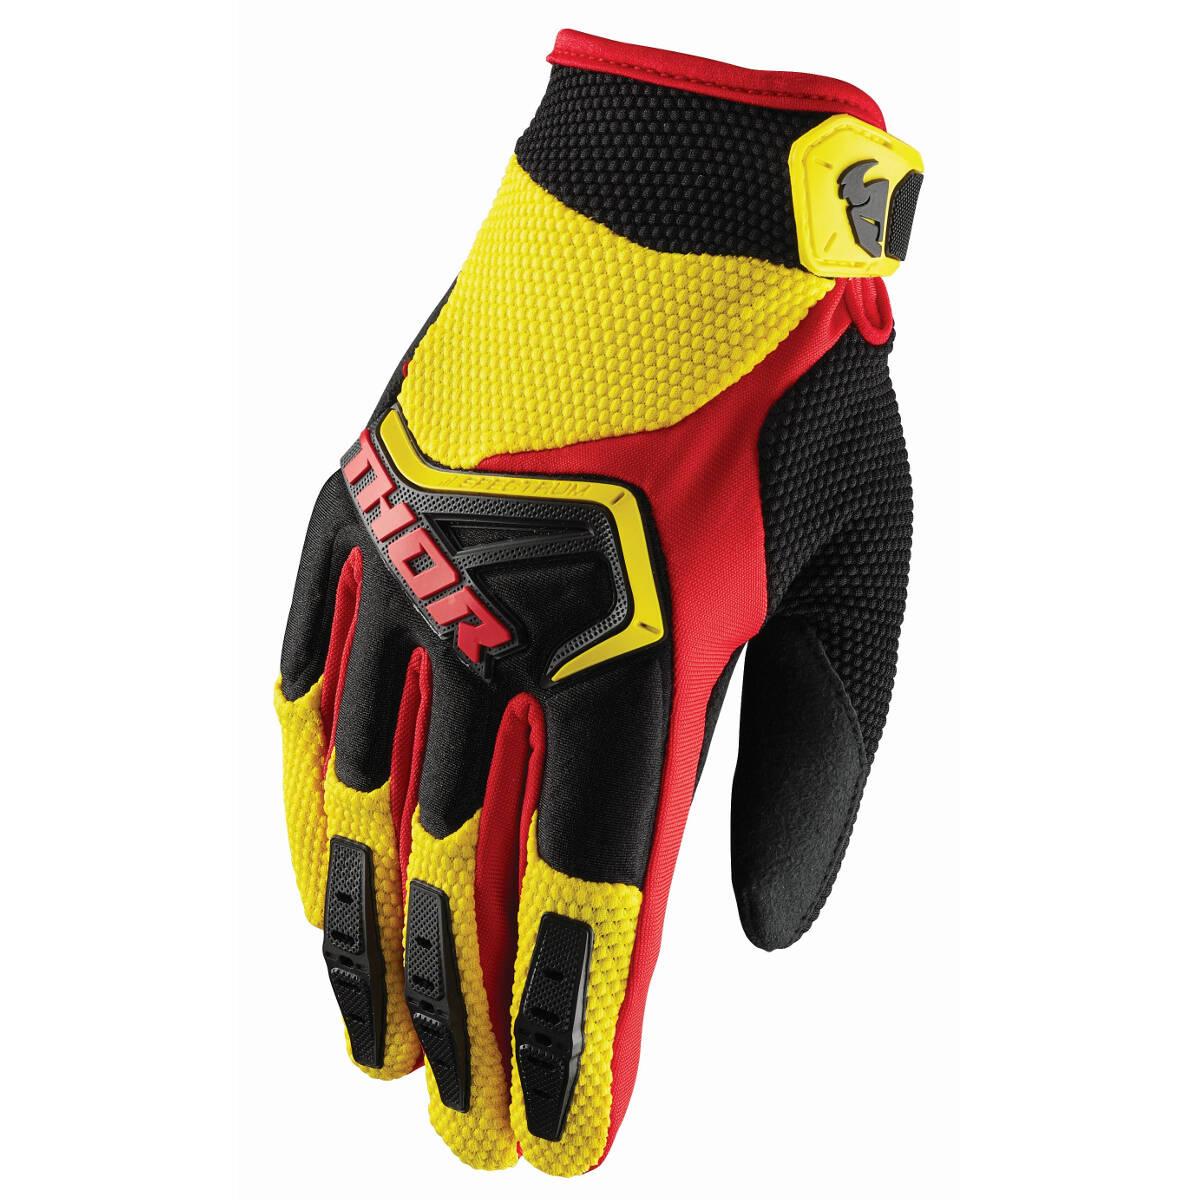 THOR Handschuh Spectrum gelb//schwarz//rot